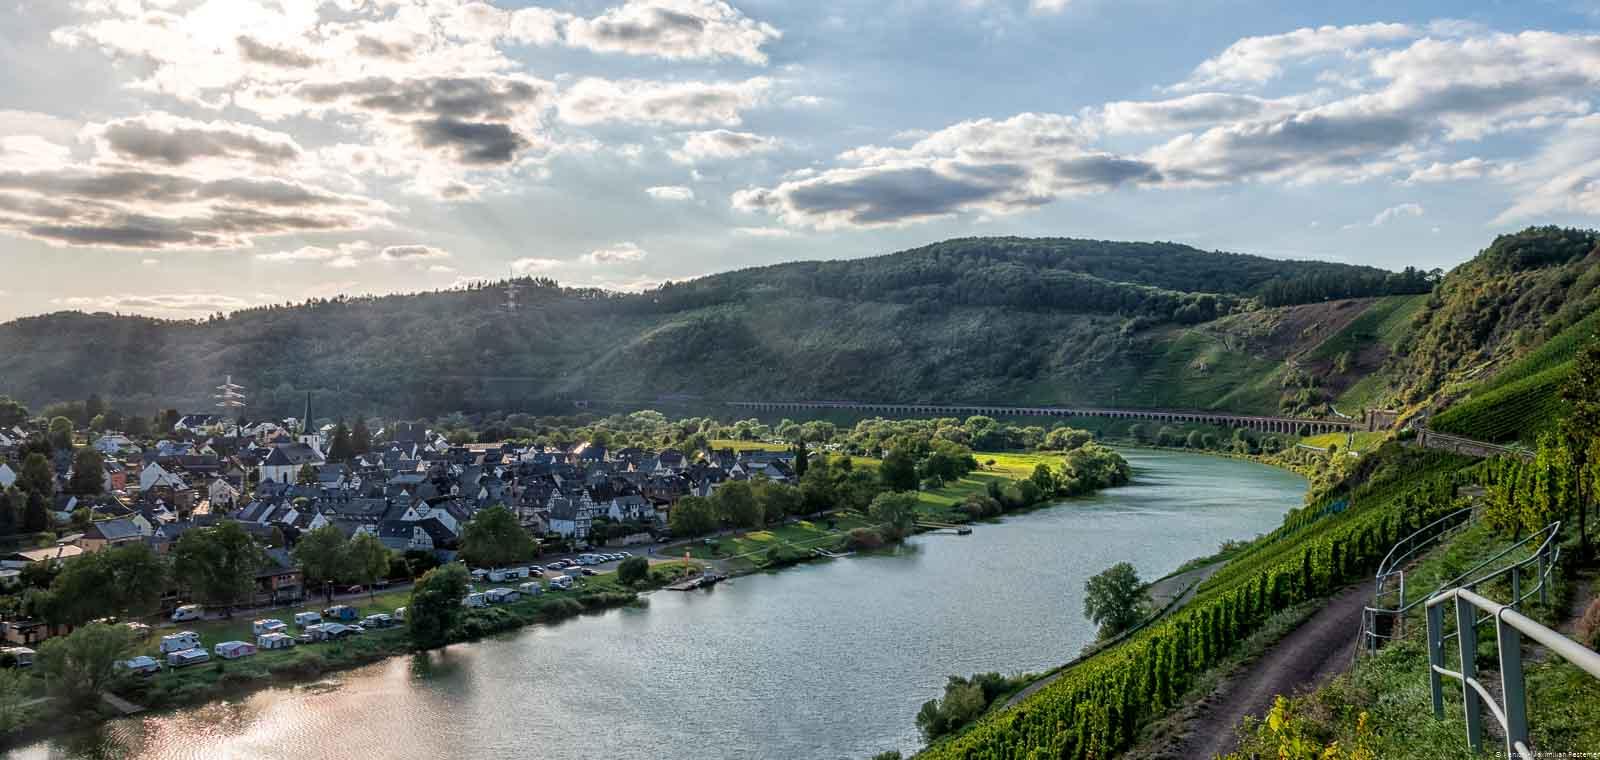 Der Ort Pünderich befindet sich innerhalb einer Biegung der Mosel. Am anderen Ufer liegt der Weinberg Pündericher Marienburg.